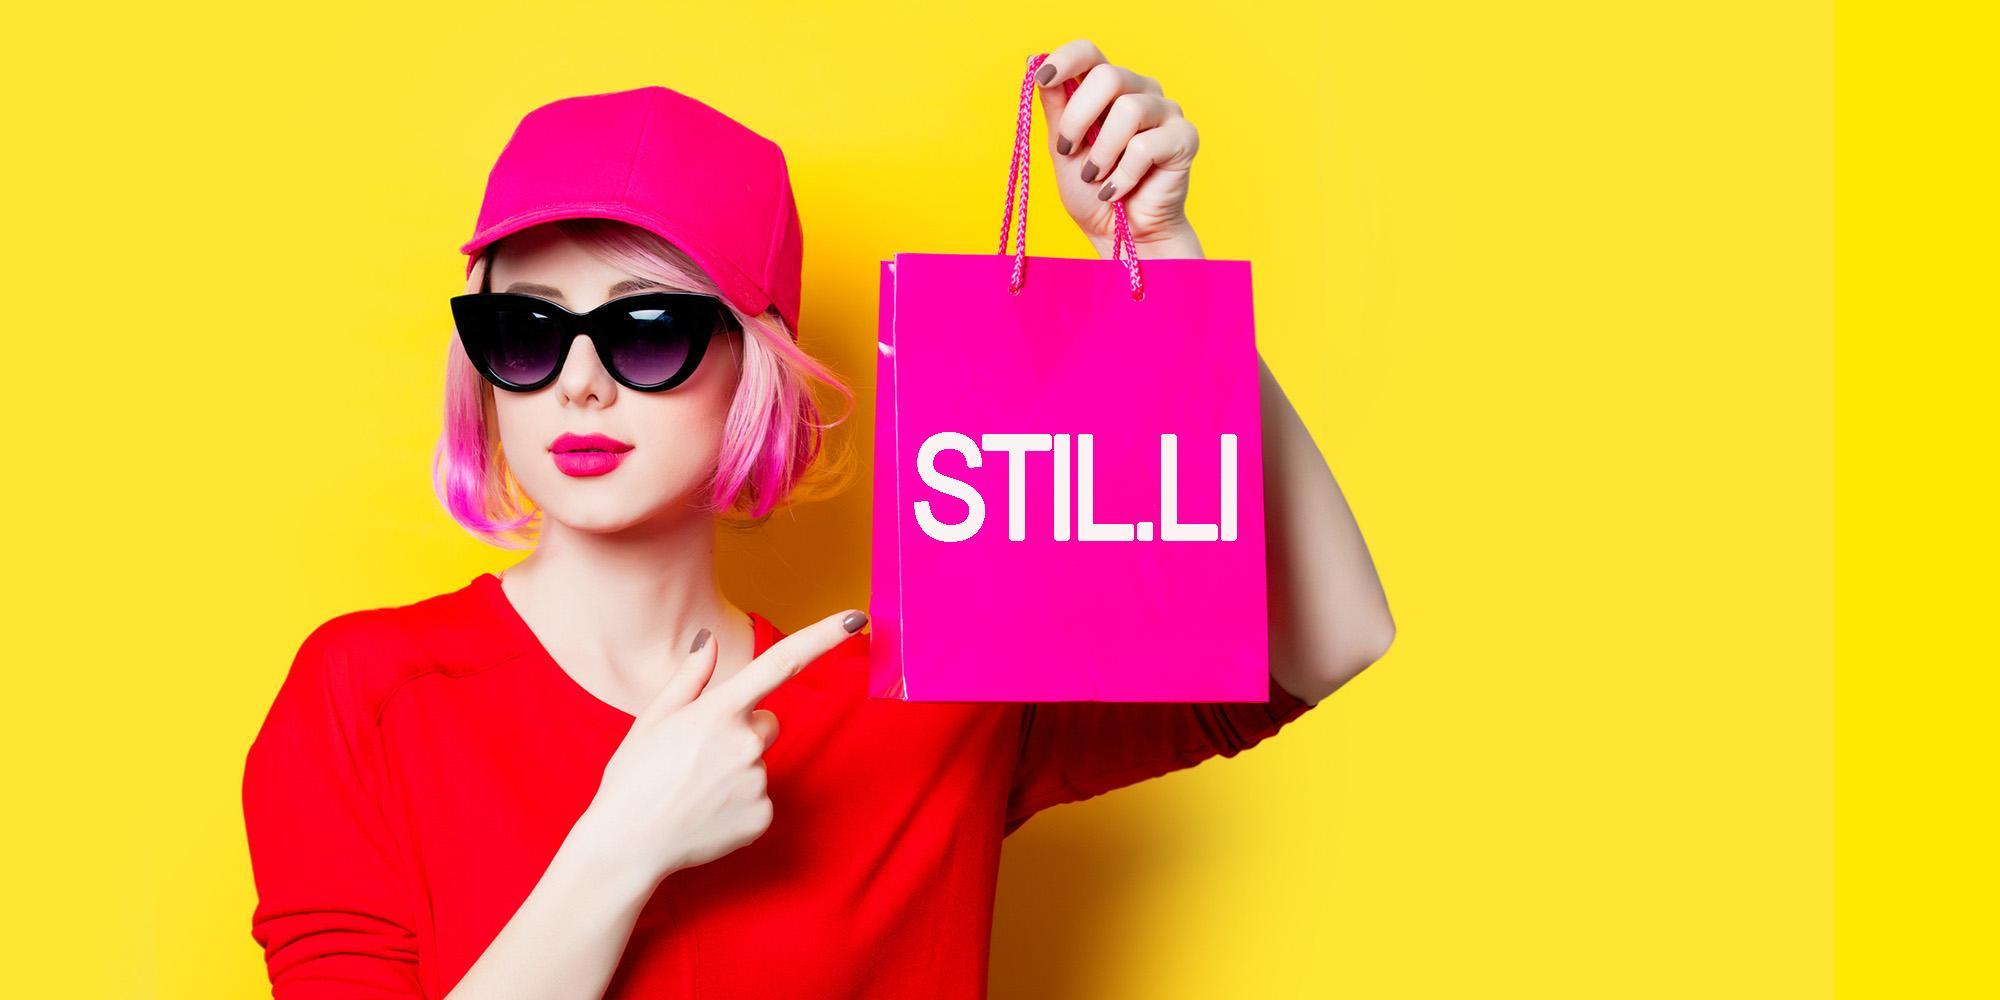 7a259b90 Markedsføring og ledelse 1 - Klesbutikken Stil.li - NDLA